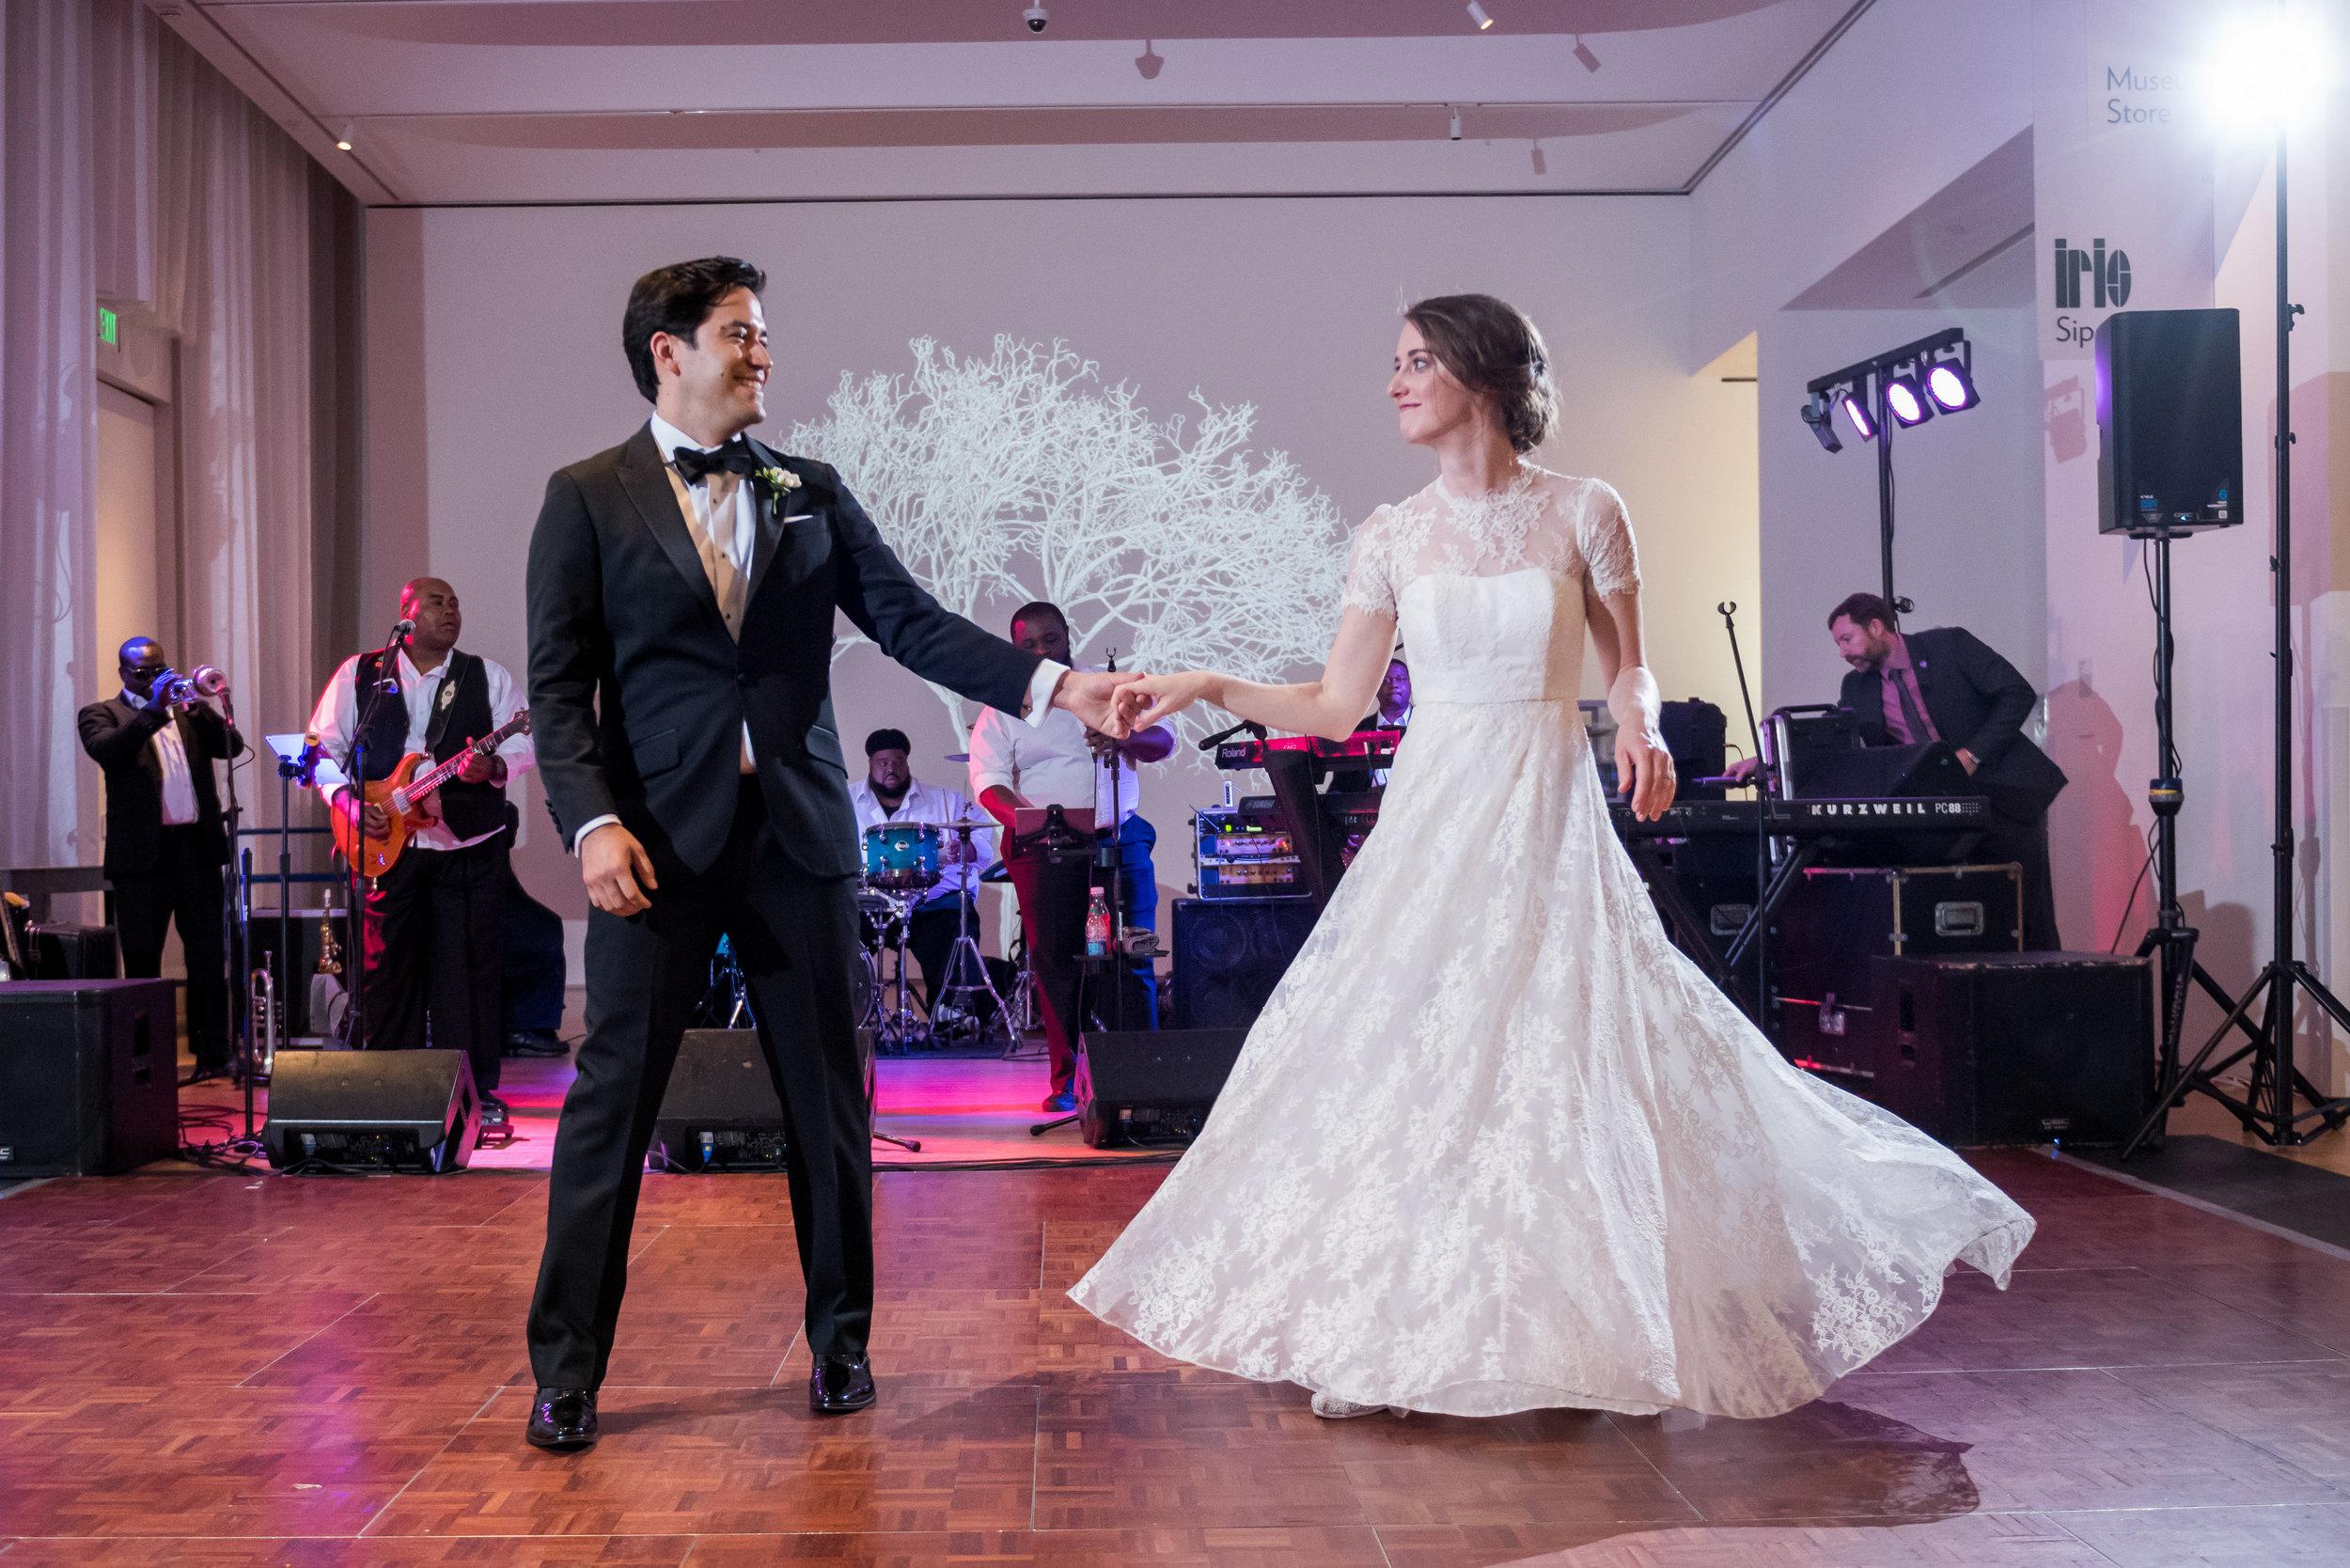 KPP_Weddings_Mag_2019_04.jpg